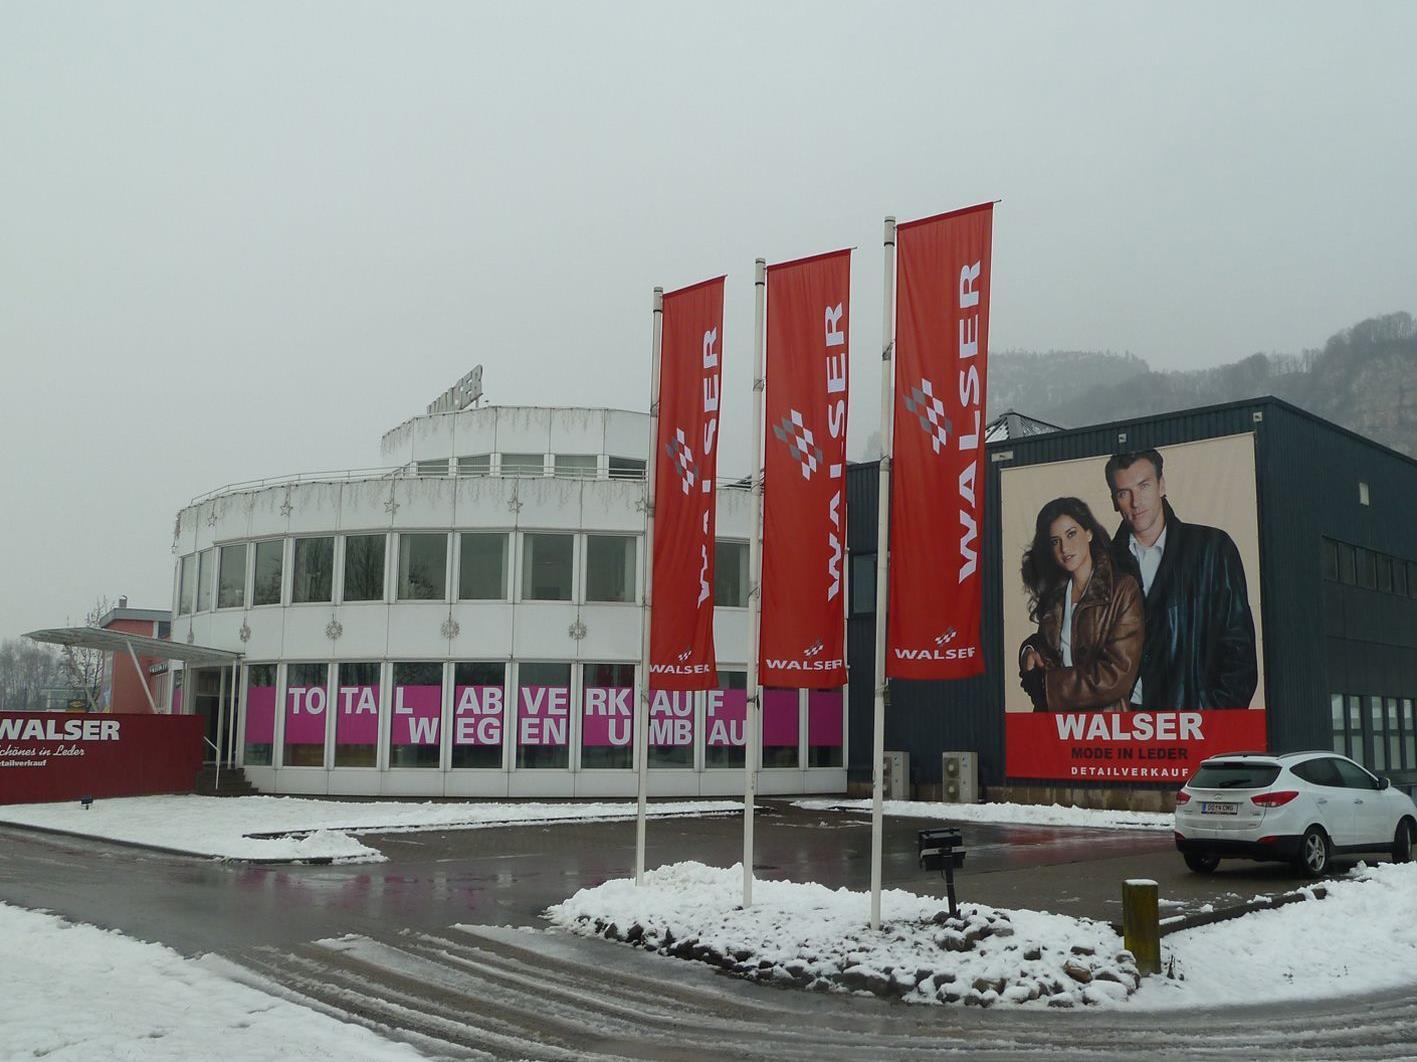 Der Hauptsitz des 1977 gegründeten Unternehmens Walser GmbH. in Hohenems.